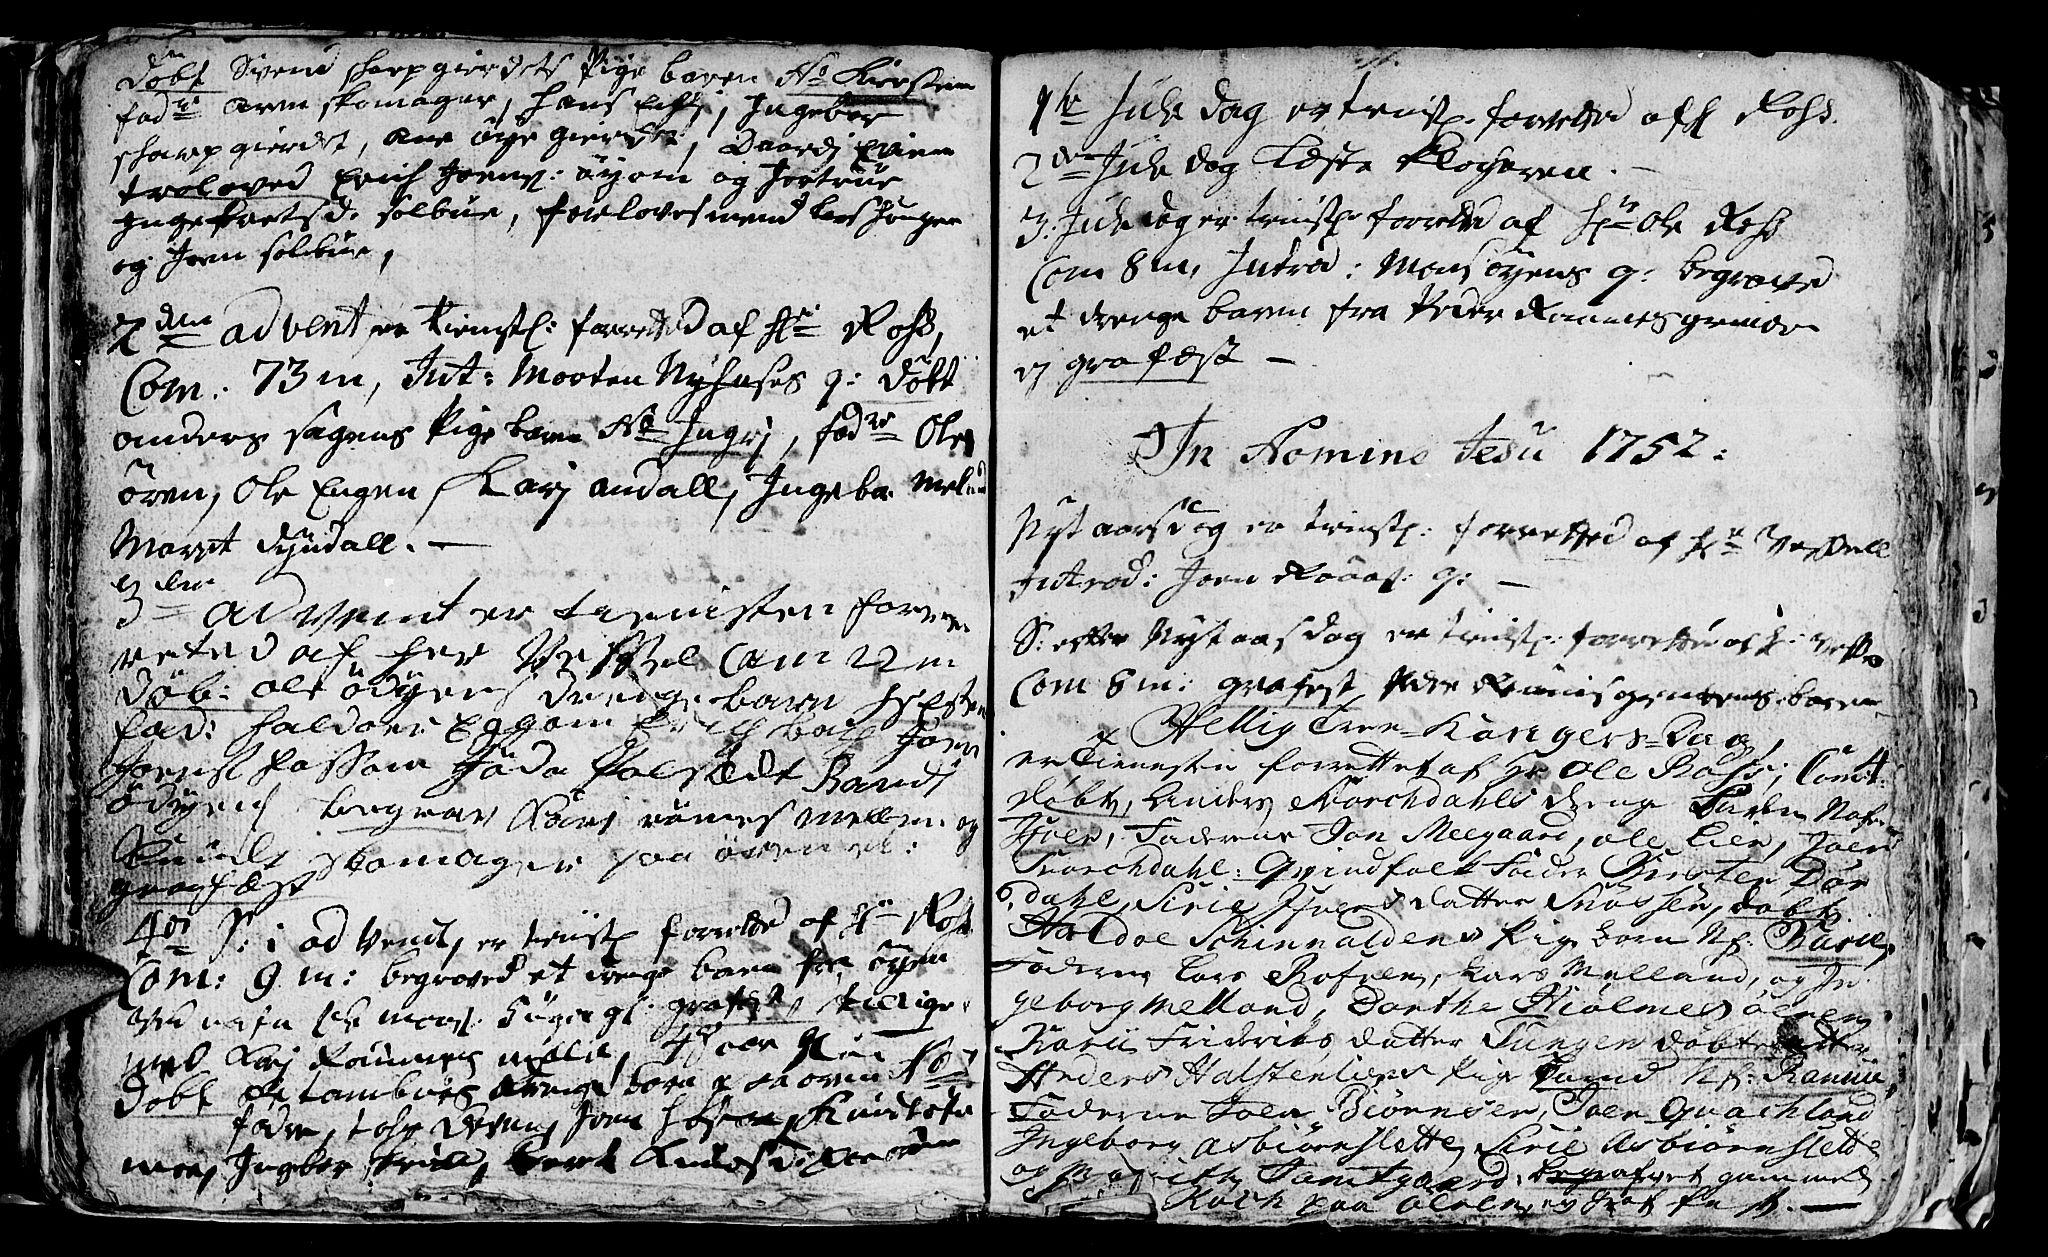 SAT, Ministerialprotokoller, klokkerbøker og fødselsregistre - Sør-Trøndelag, 668/L0813: Klokkerbok nr. 668C02, 1743-1765